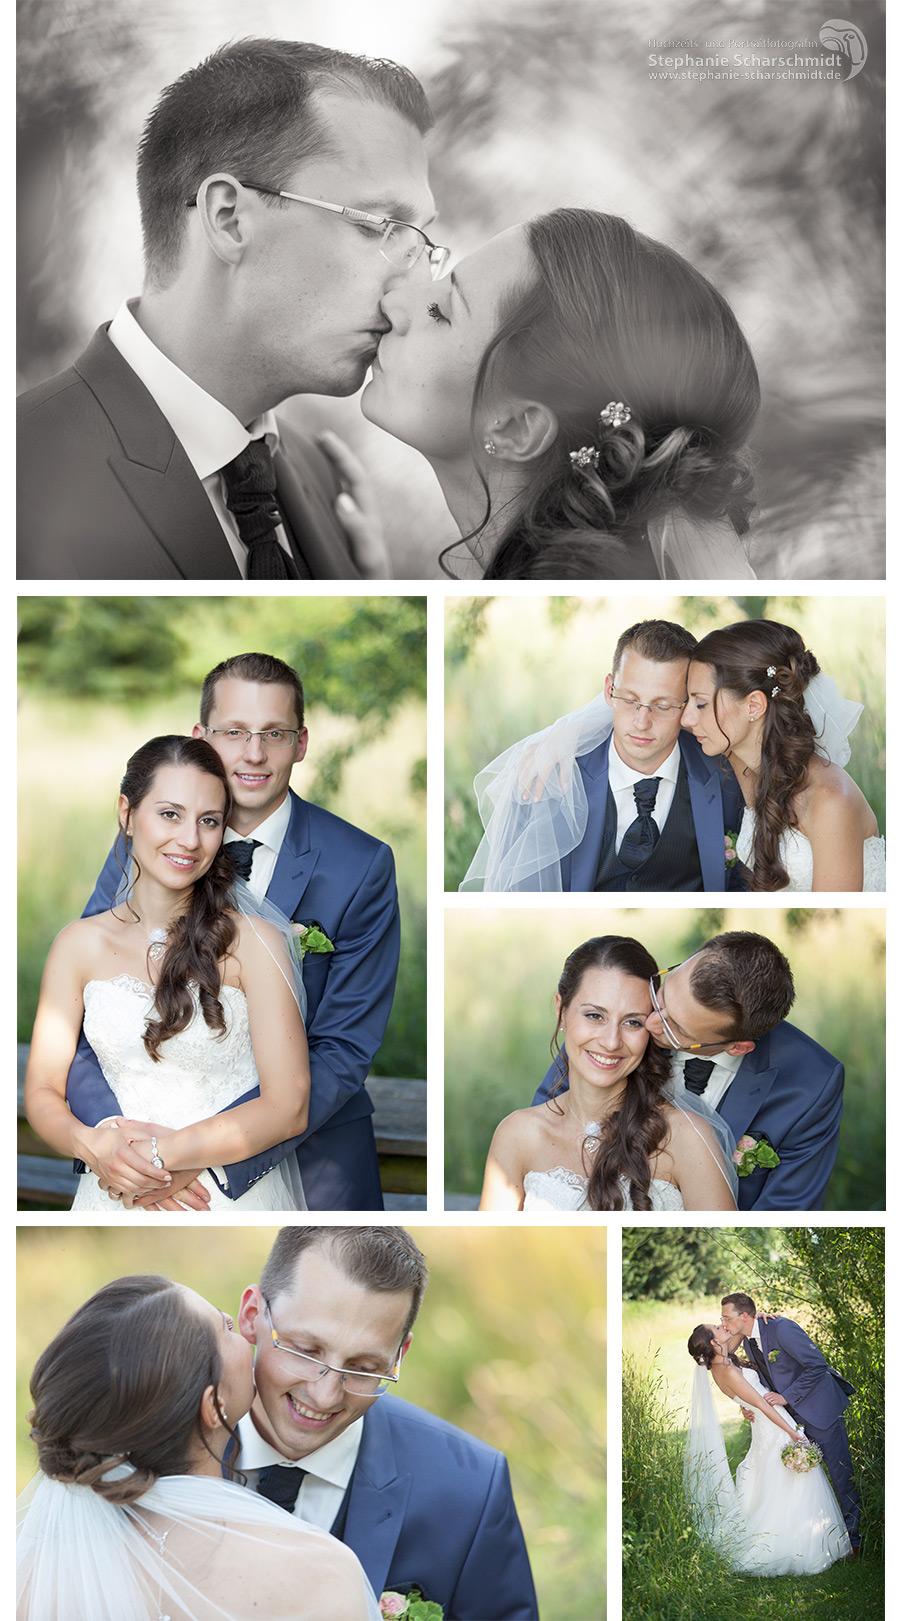 Brautpaarfotos im Pfaffengut in Plauen im Vogtlandkreis - Hochzeitsfotograf im Vogtlandkreis - Hochzeits- und Portraitfotografin Stephanie Scharschmidt